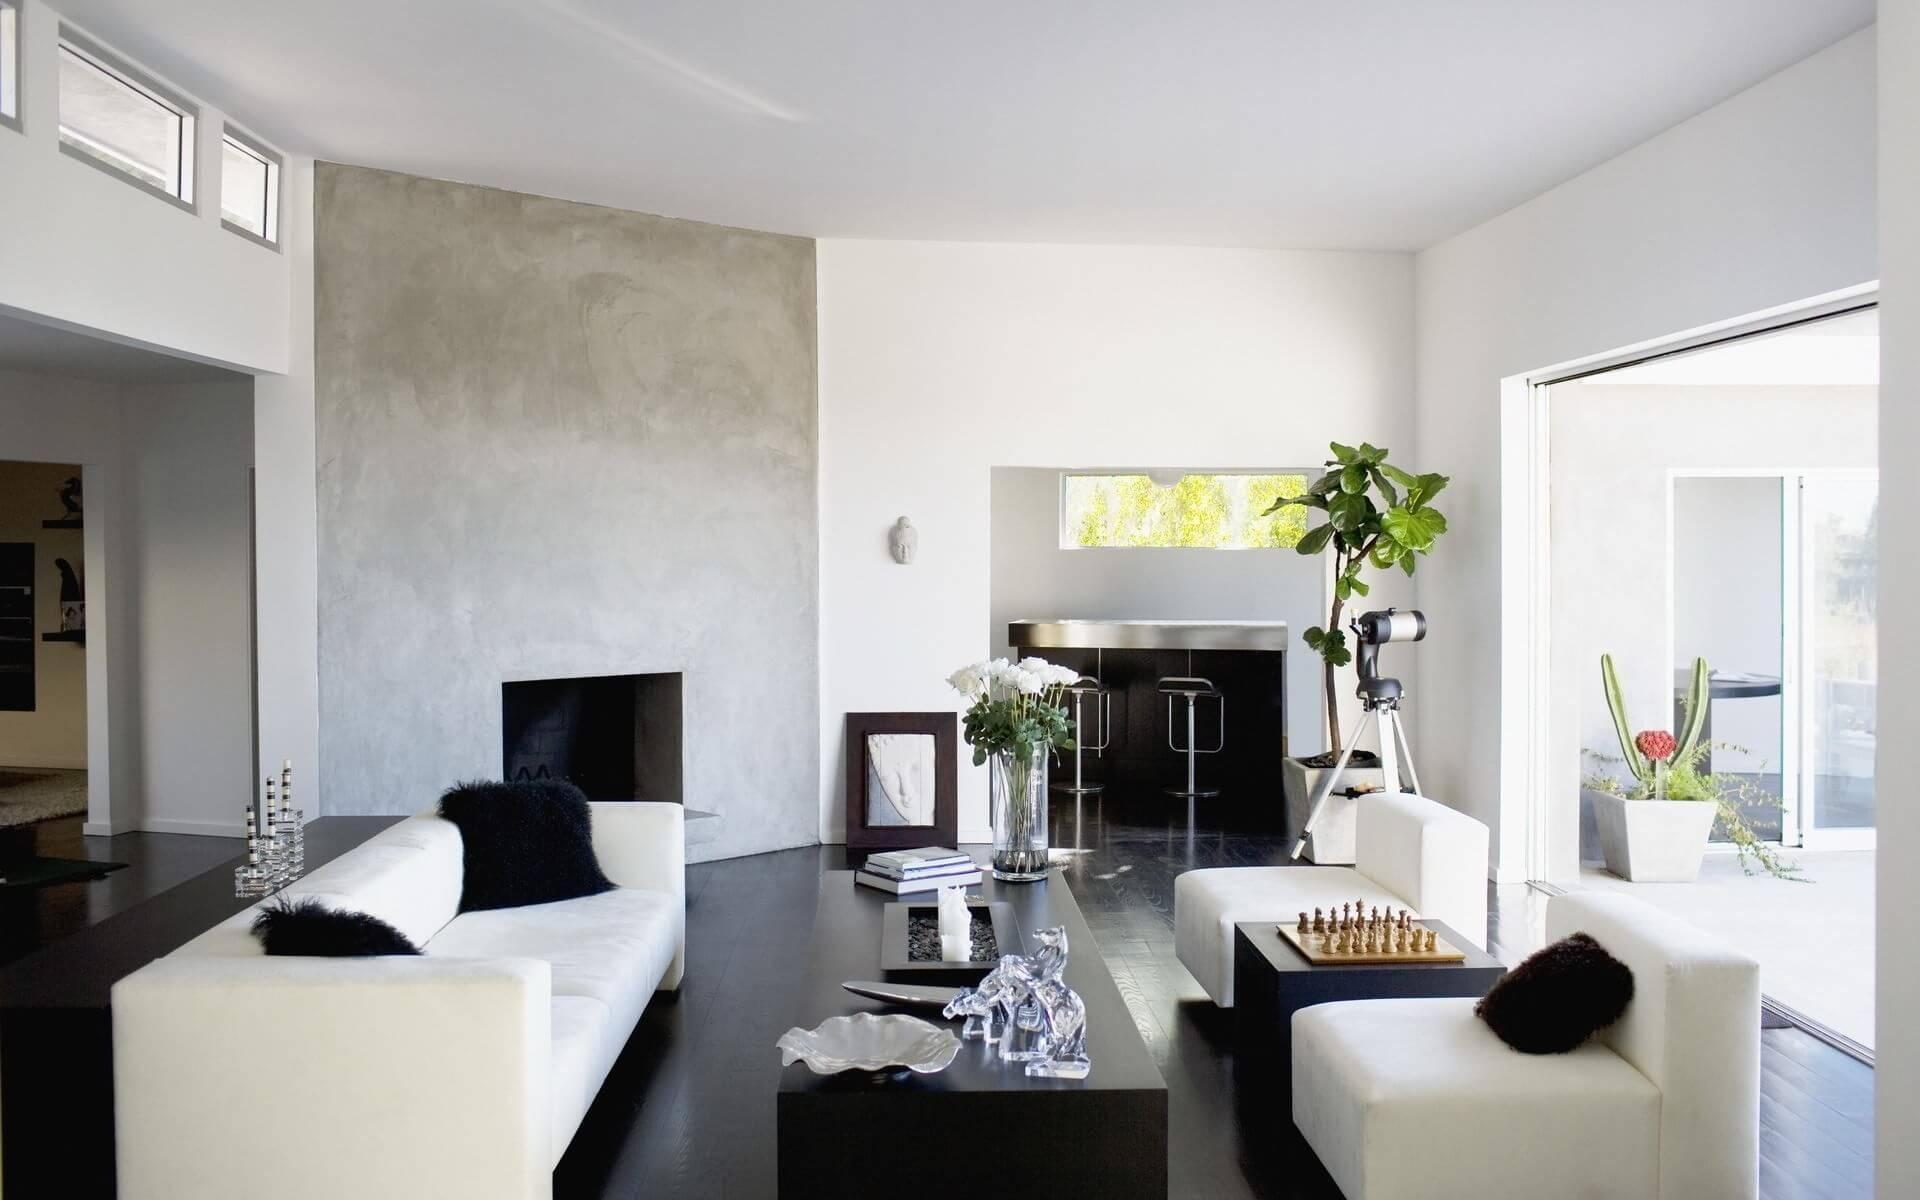 темный пол, белые стены в гостиной